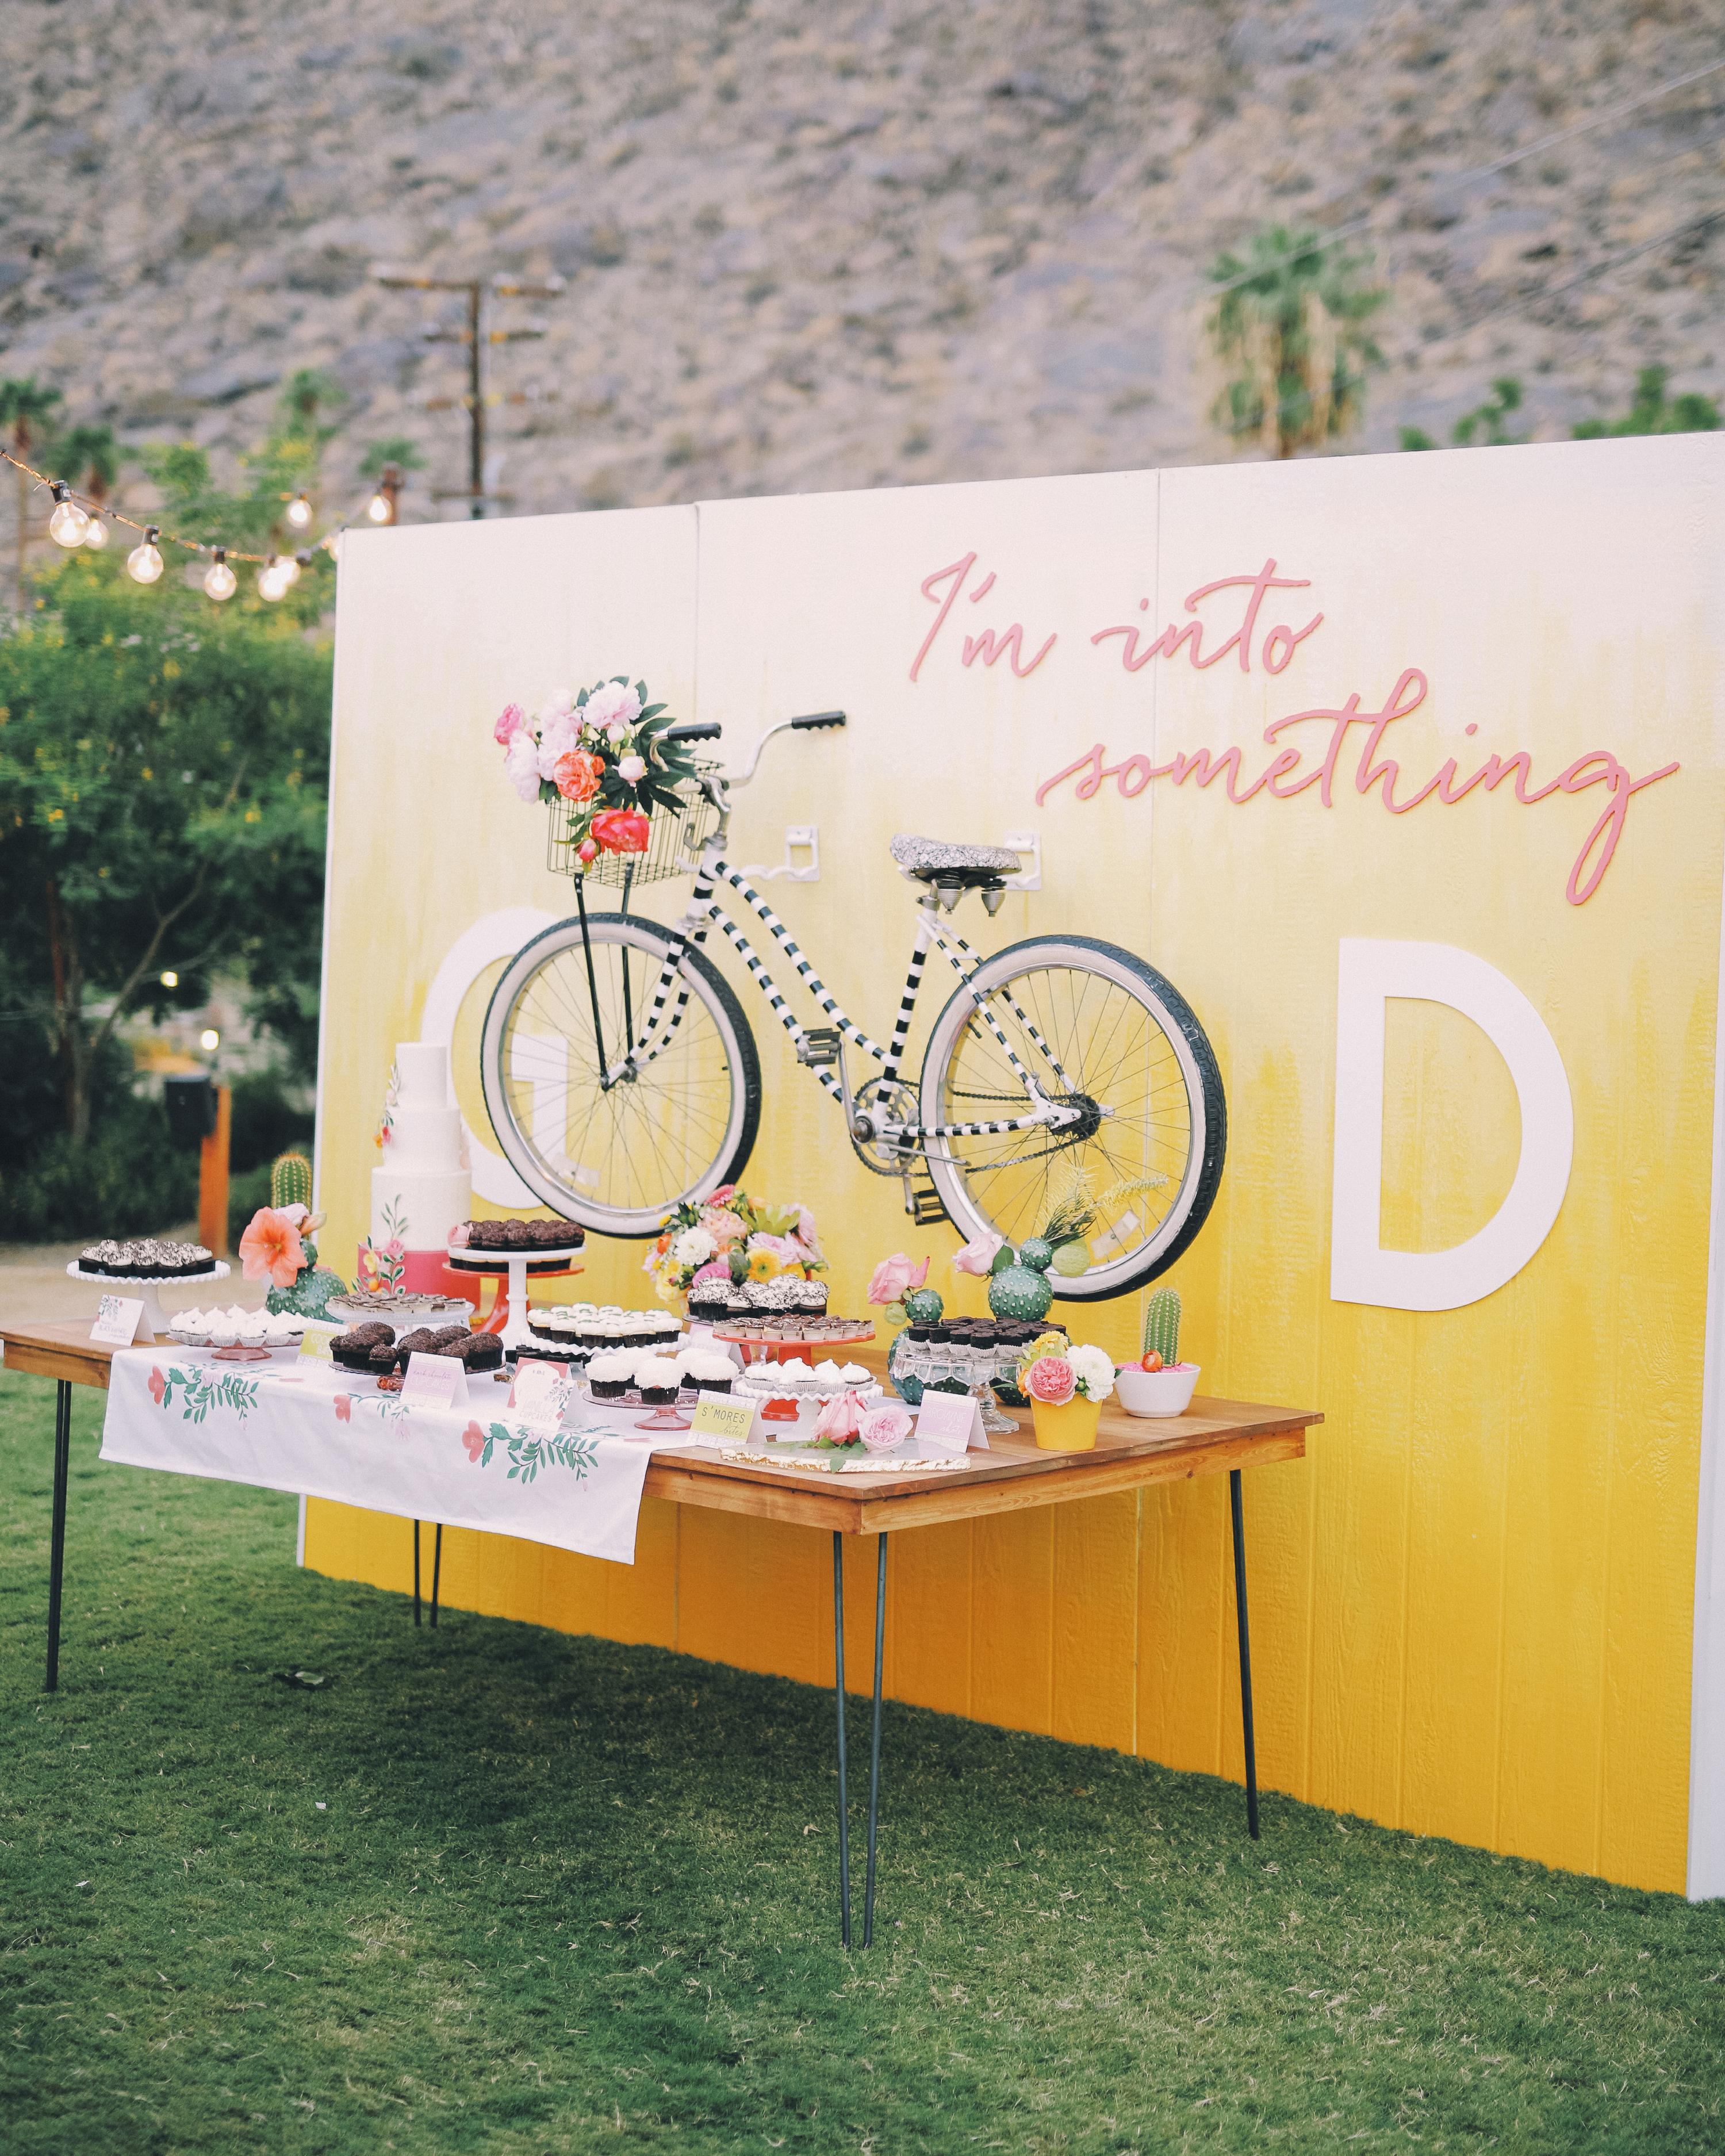 katie-brian-wedding-bicycle-3766-s111885-0515.jpg